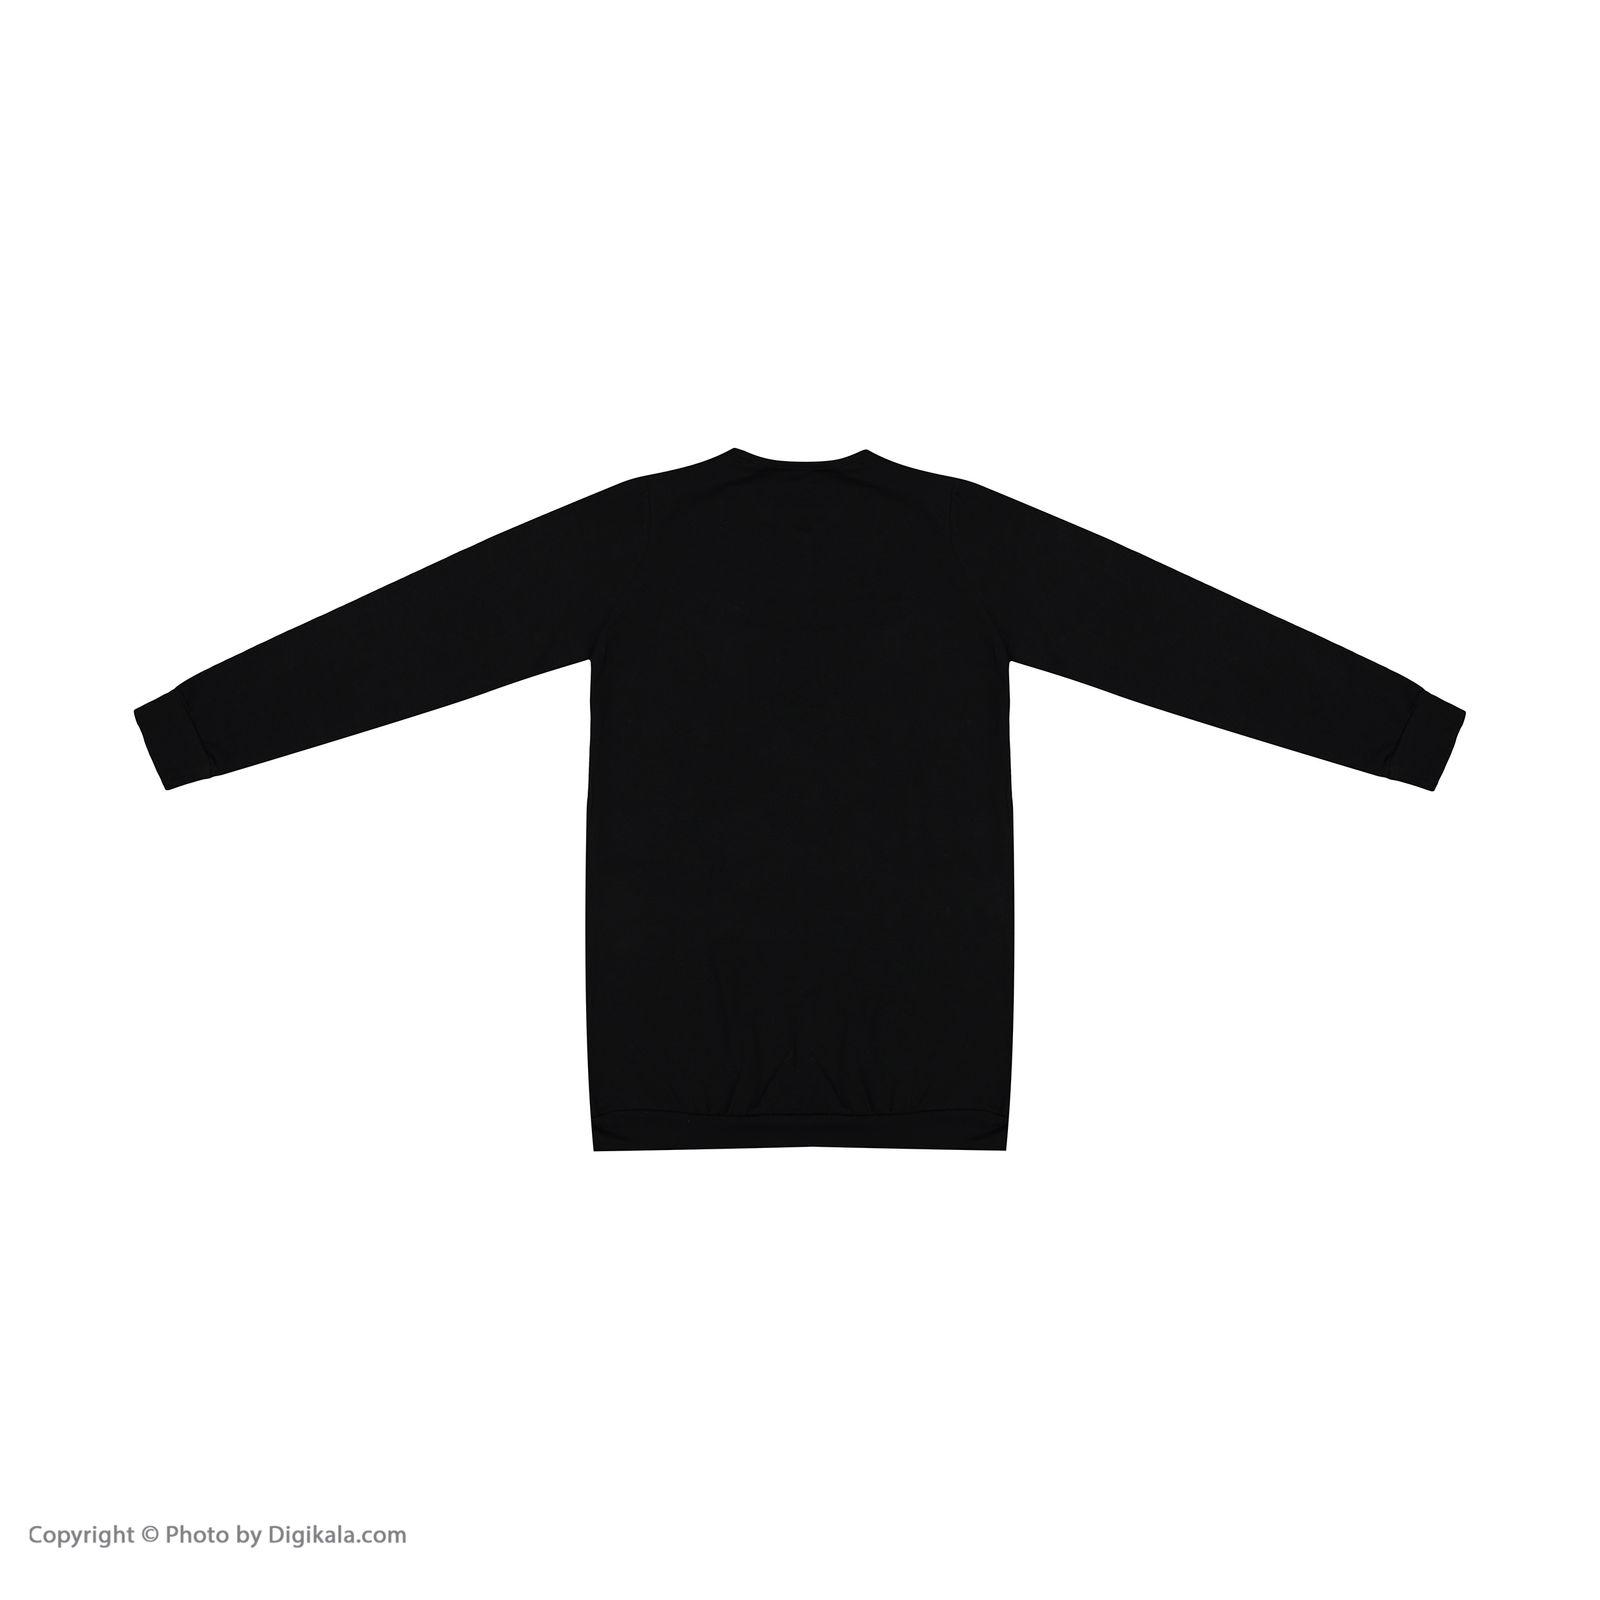 تی شرت دخترانه سون پون مدل 1391360-99 -  - 4